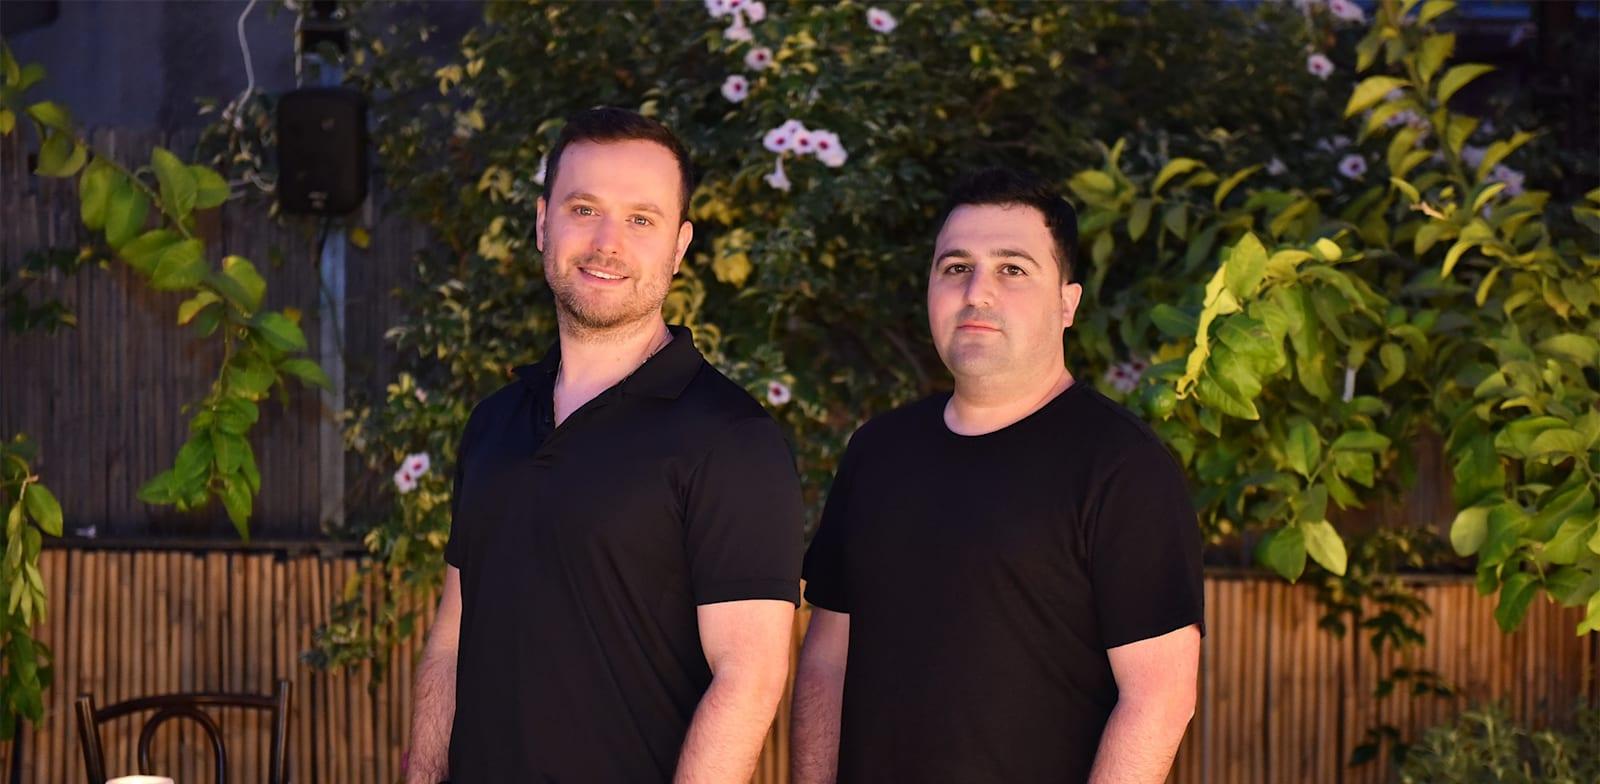 מייסדי חברת קיסטרה. מימין לשמאל: שגב שילטון, יפתח (יפתי) קרזנר / צילום: באדיבות Kissterra